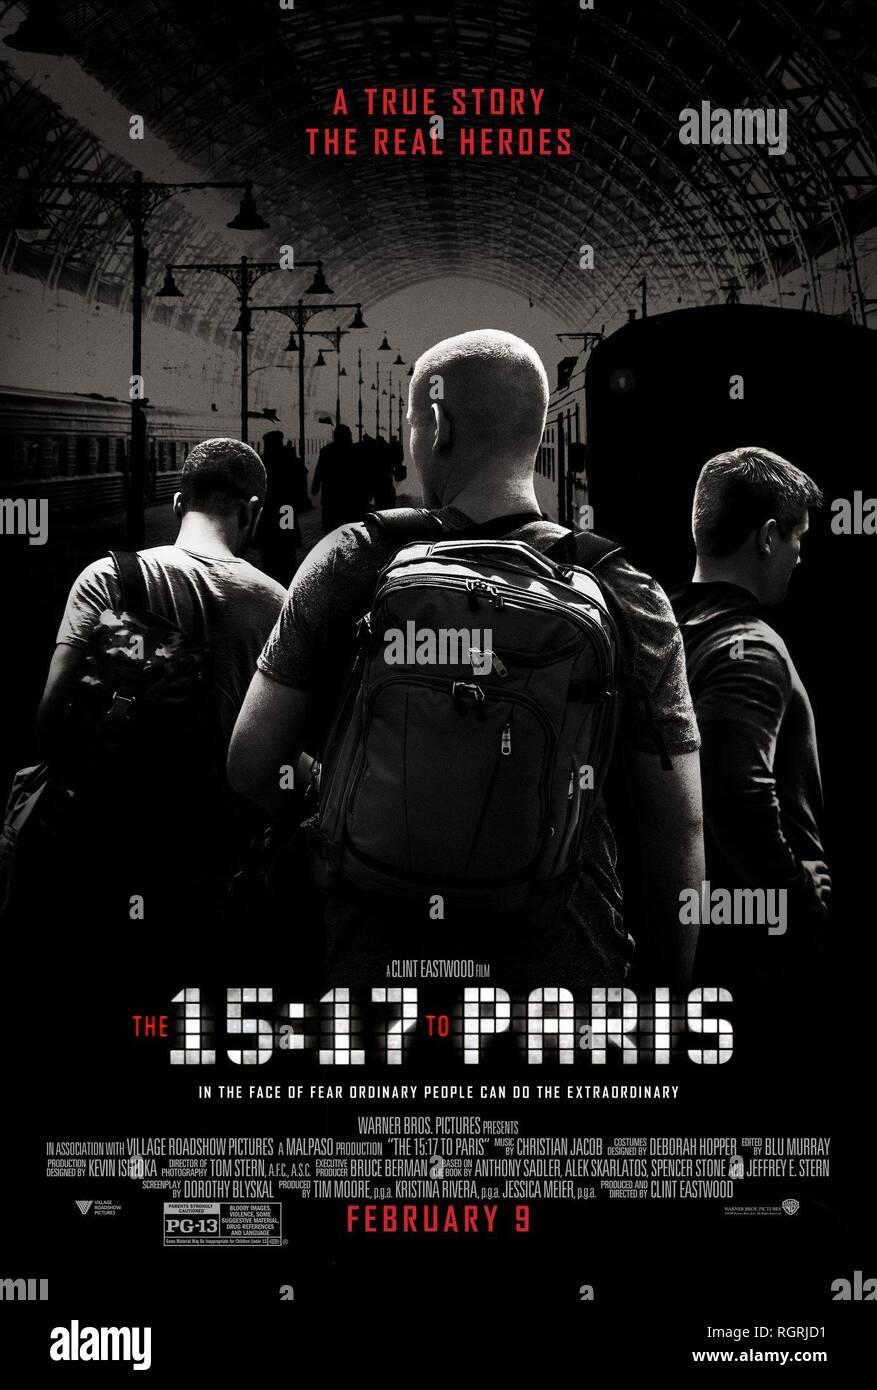 Póster de película del 15:17 a Paris (2018) Imagen De Stock